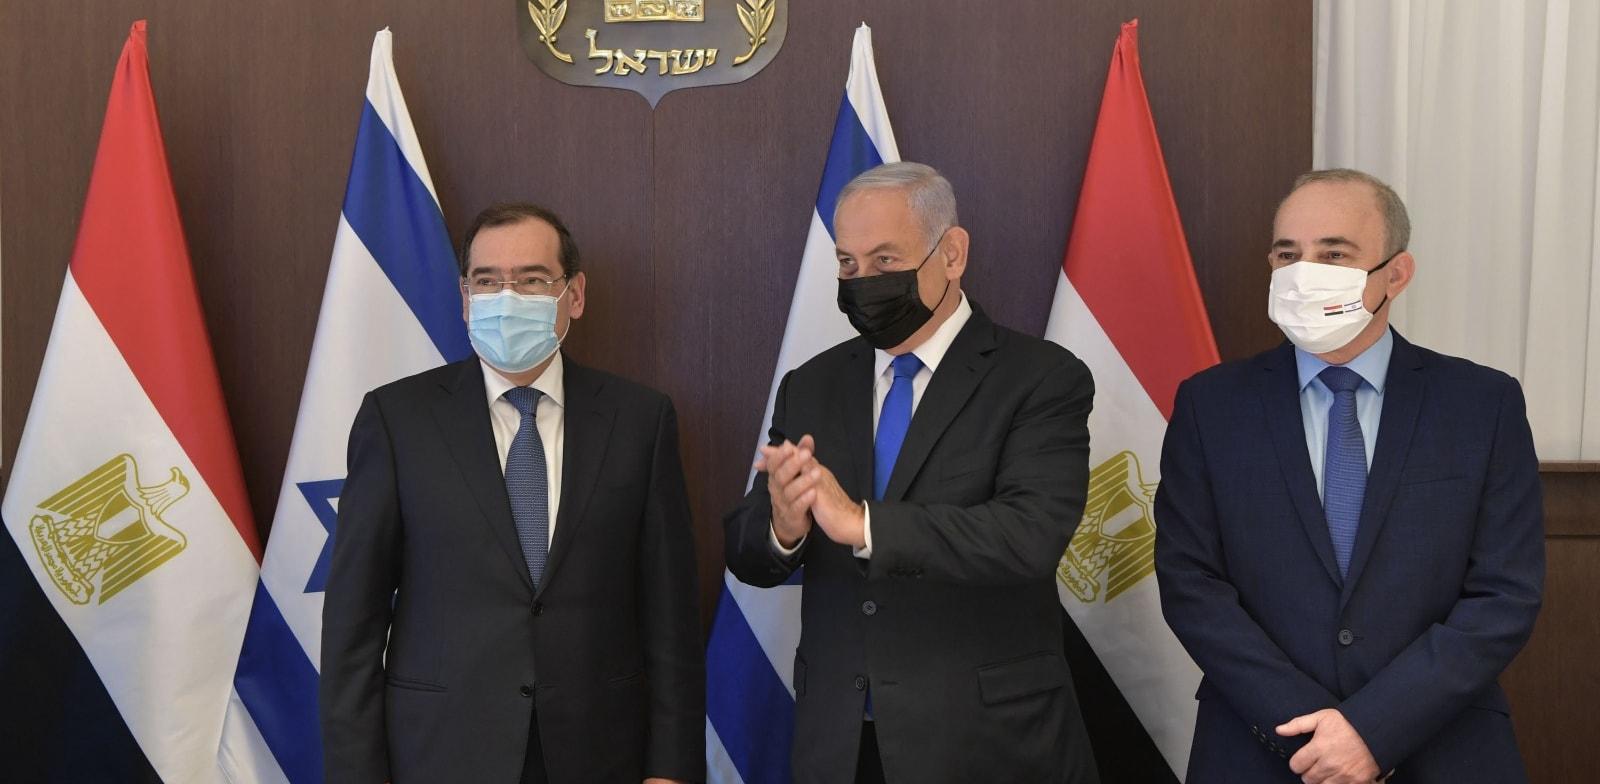 """שר האנרגיה שטייניץ ומקבילו המצרי / צילום: קובי גדעון-לע""""מ"""